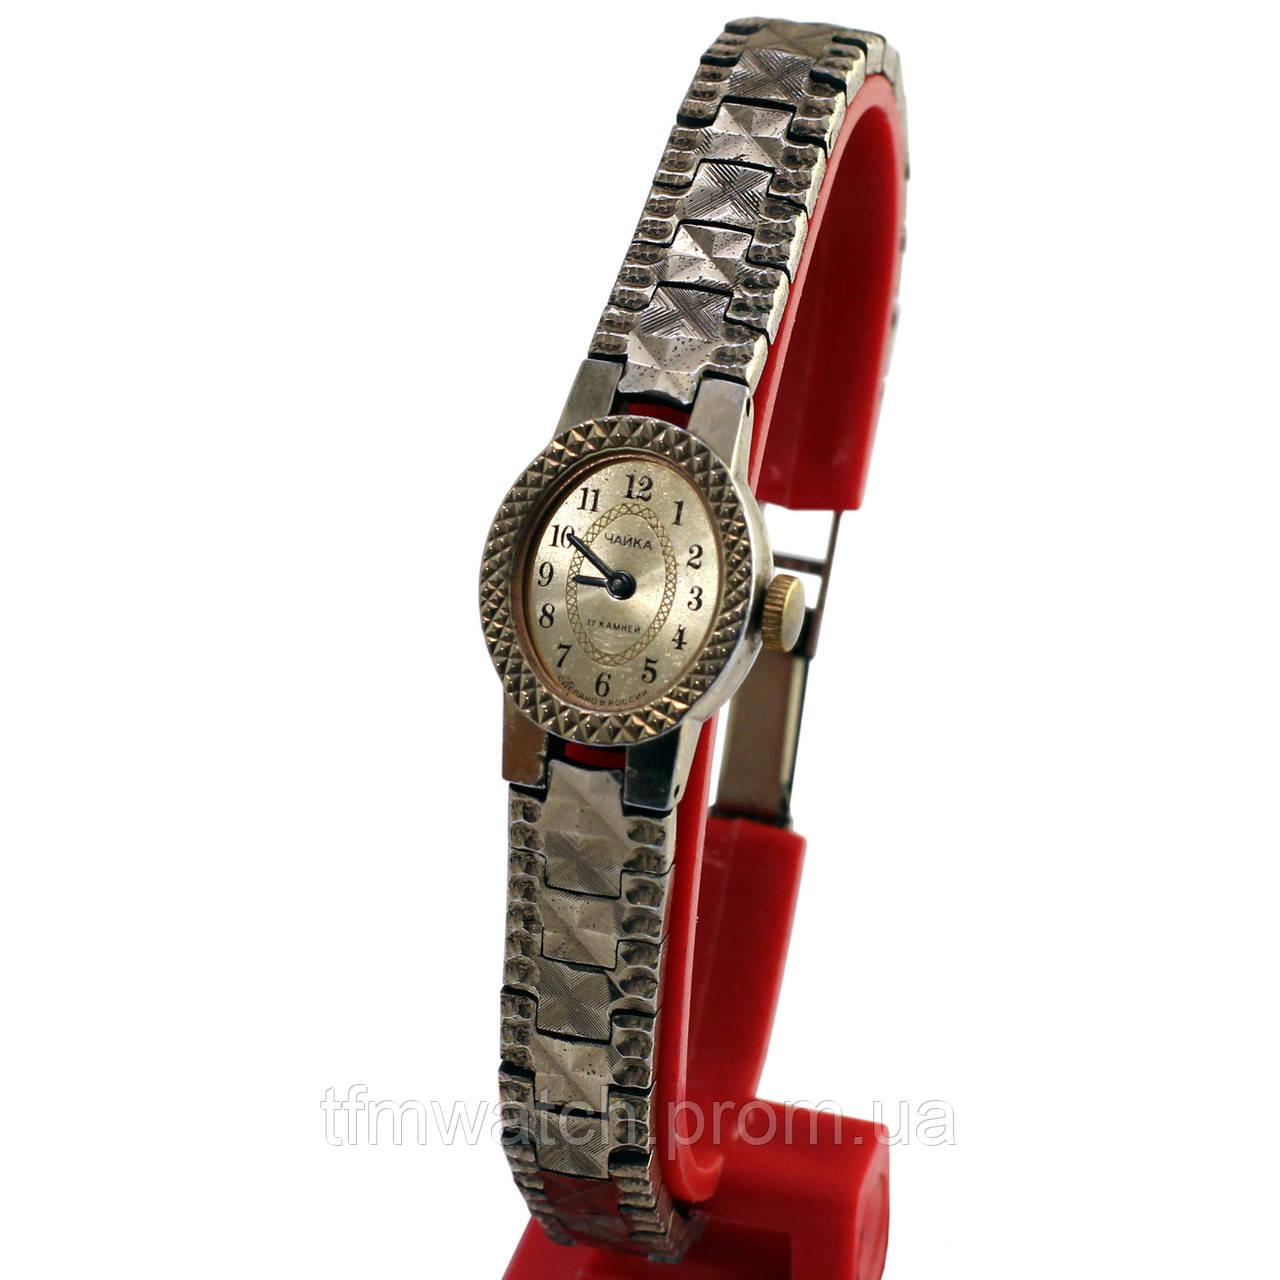 Часы наручные женские россия цены купить ремешок для часов technomarine